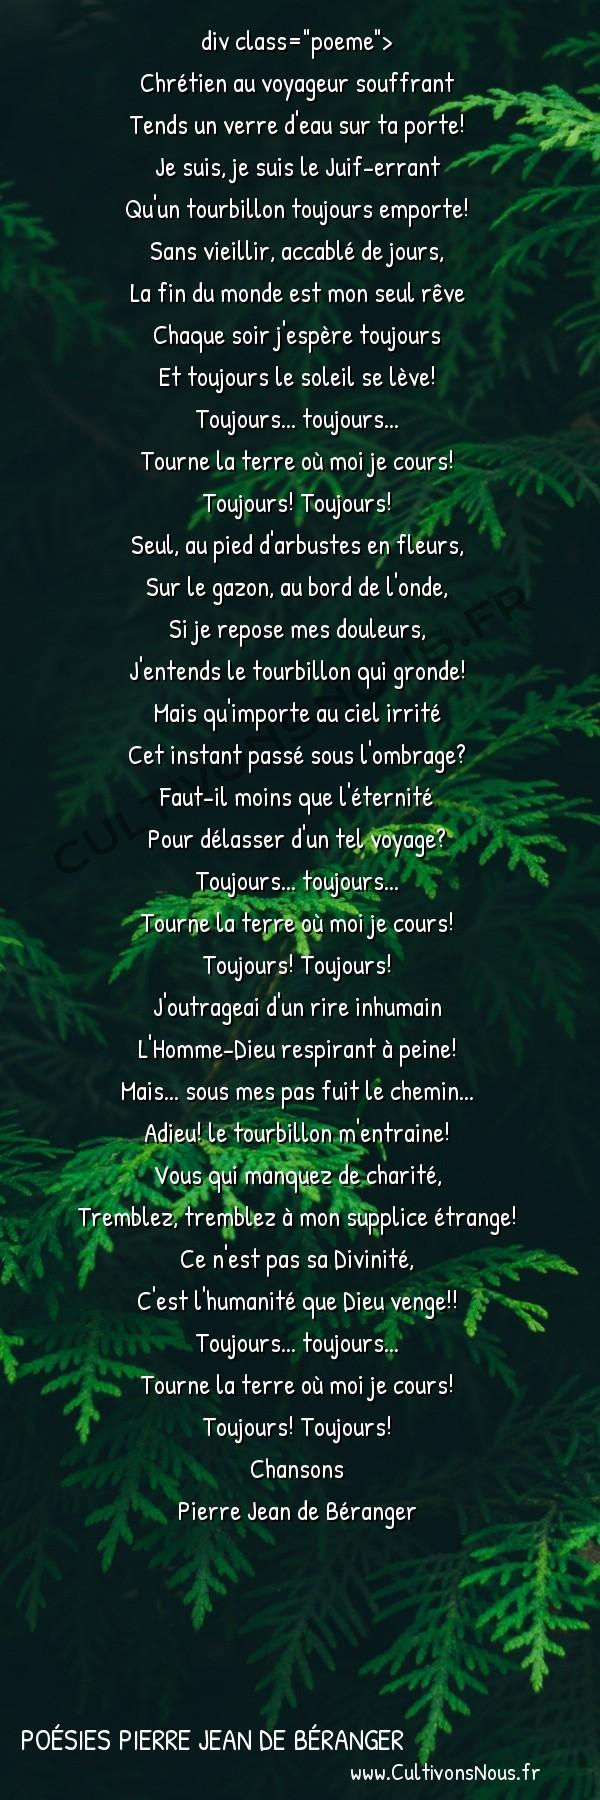 Poésies Pierre Jean de Béranger - Chansons - Le Juif-errant -  div class=